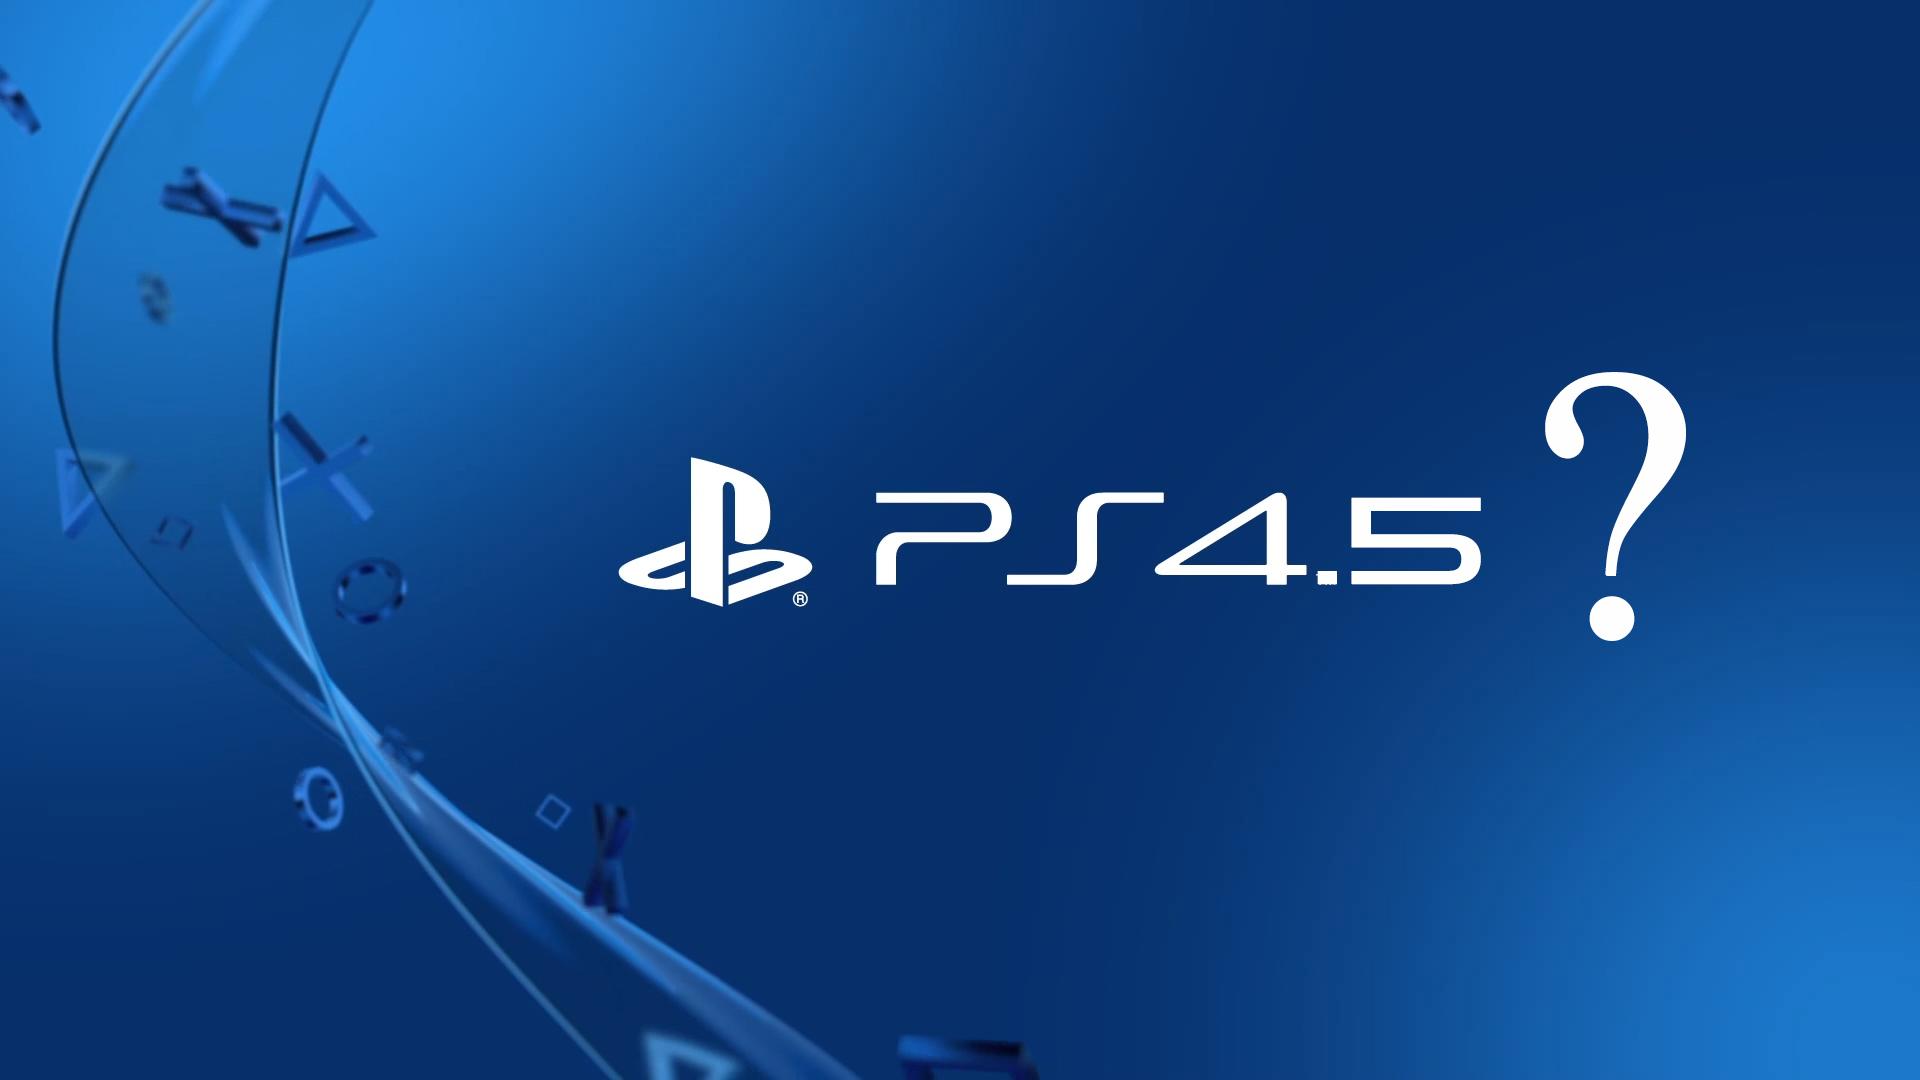 Nuova Playstation 4.5: tutto quello che c'è da sapere